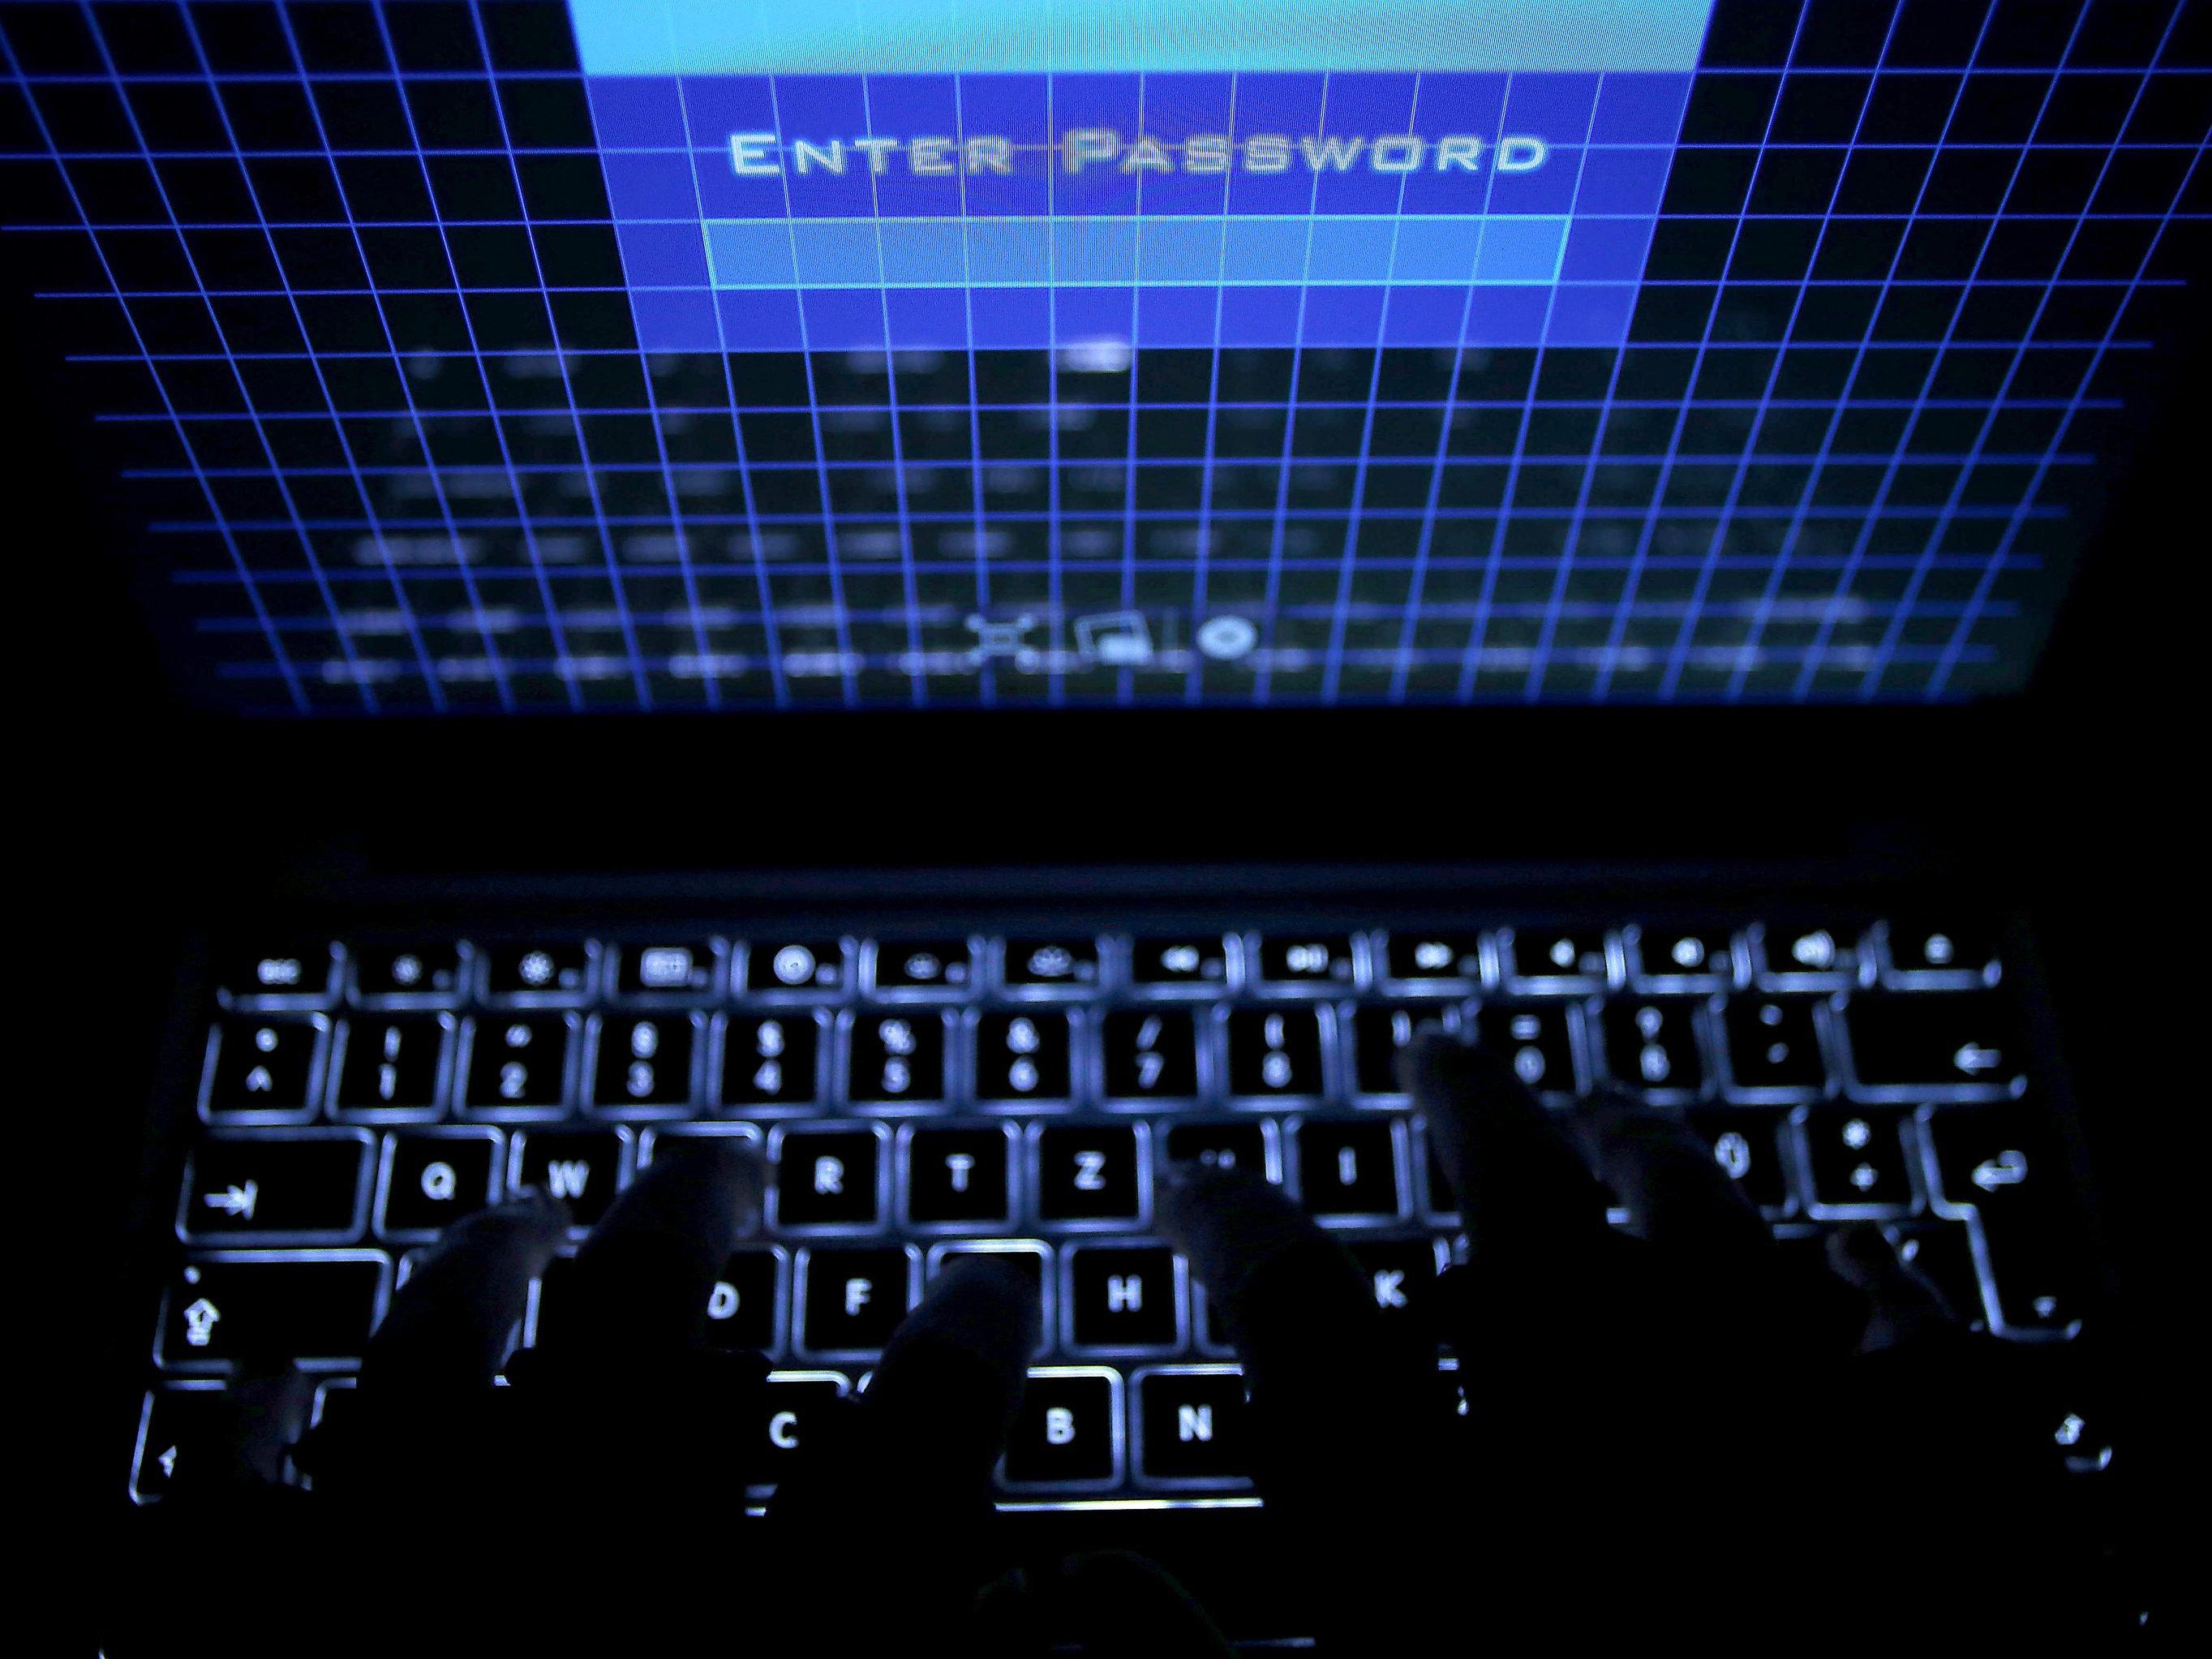 Medienberichte: Hackerangriff auf Regierung läuft offenbar noch